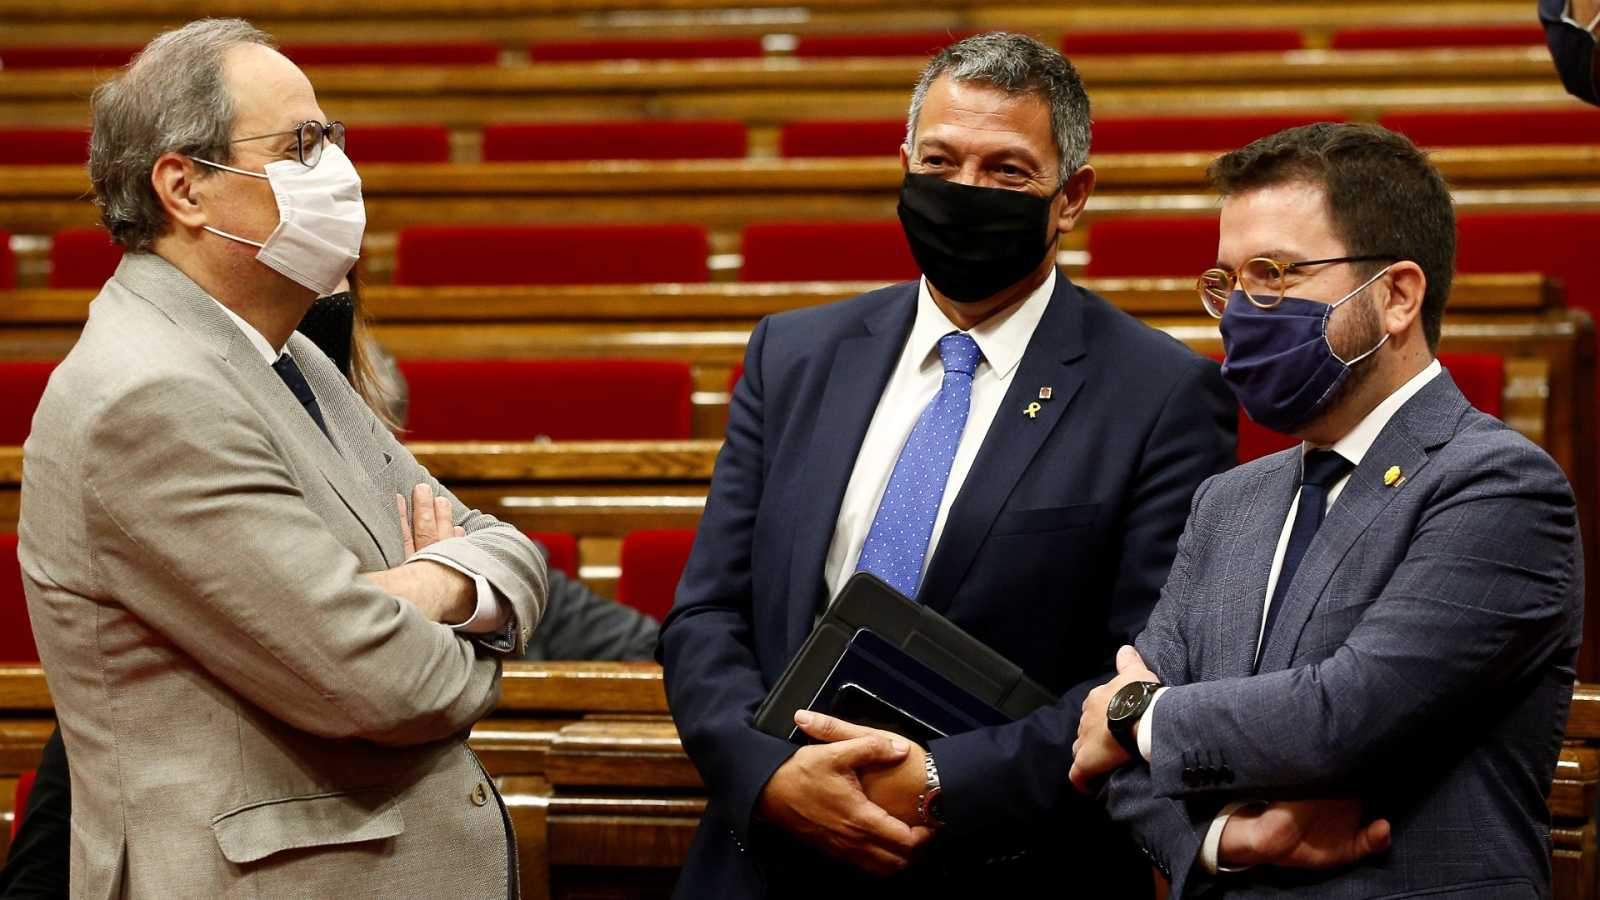 El Parlament rechaza acatar la decisión del Tribunal Supremo sobre la inhabilitación de Torra